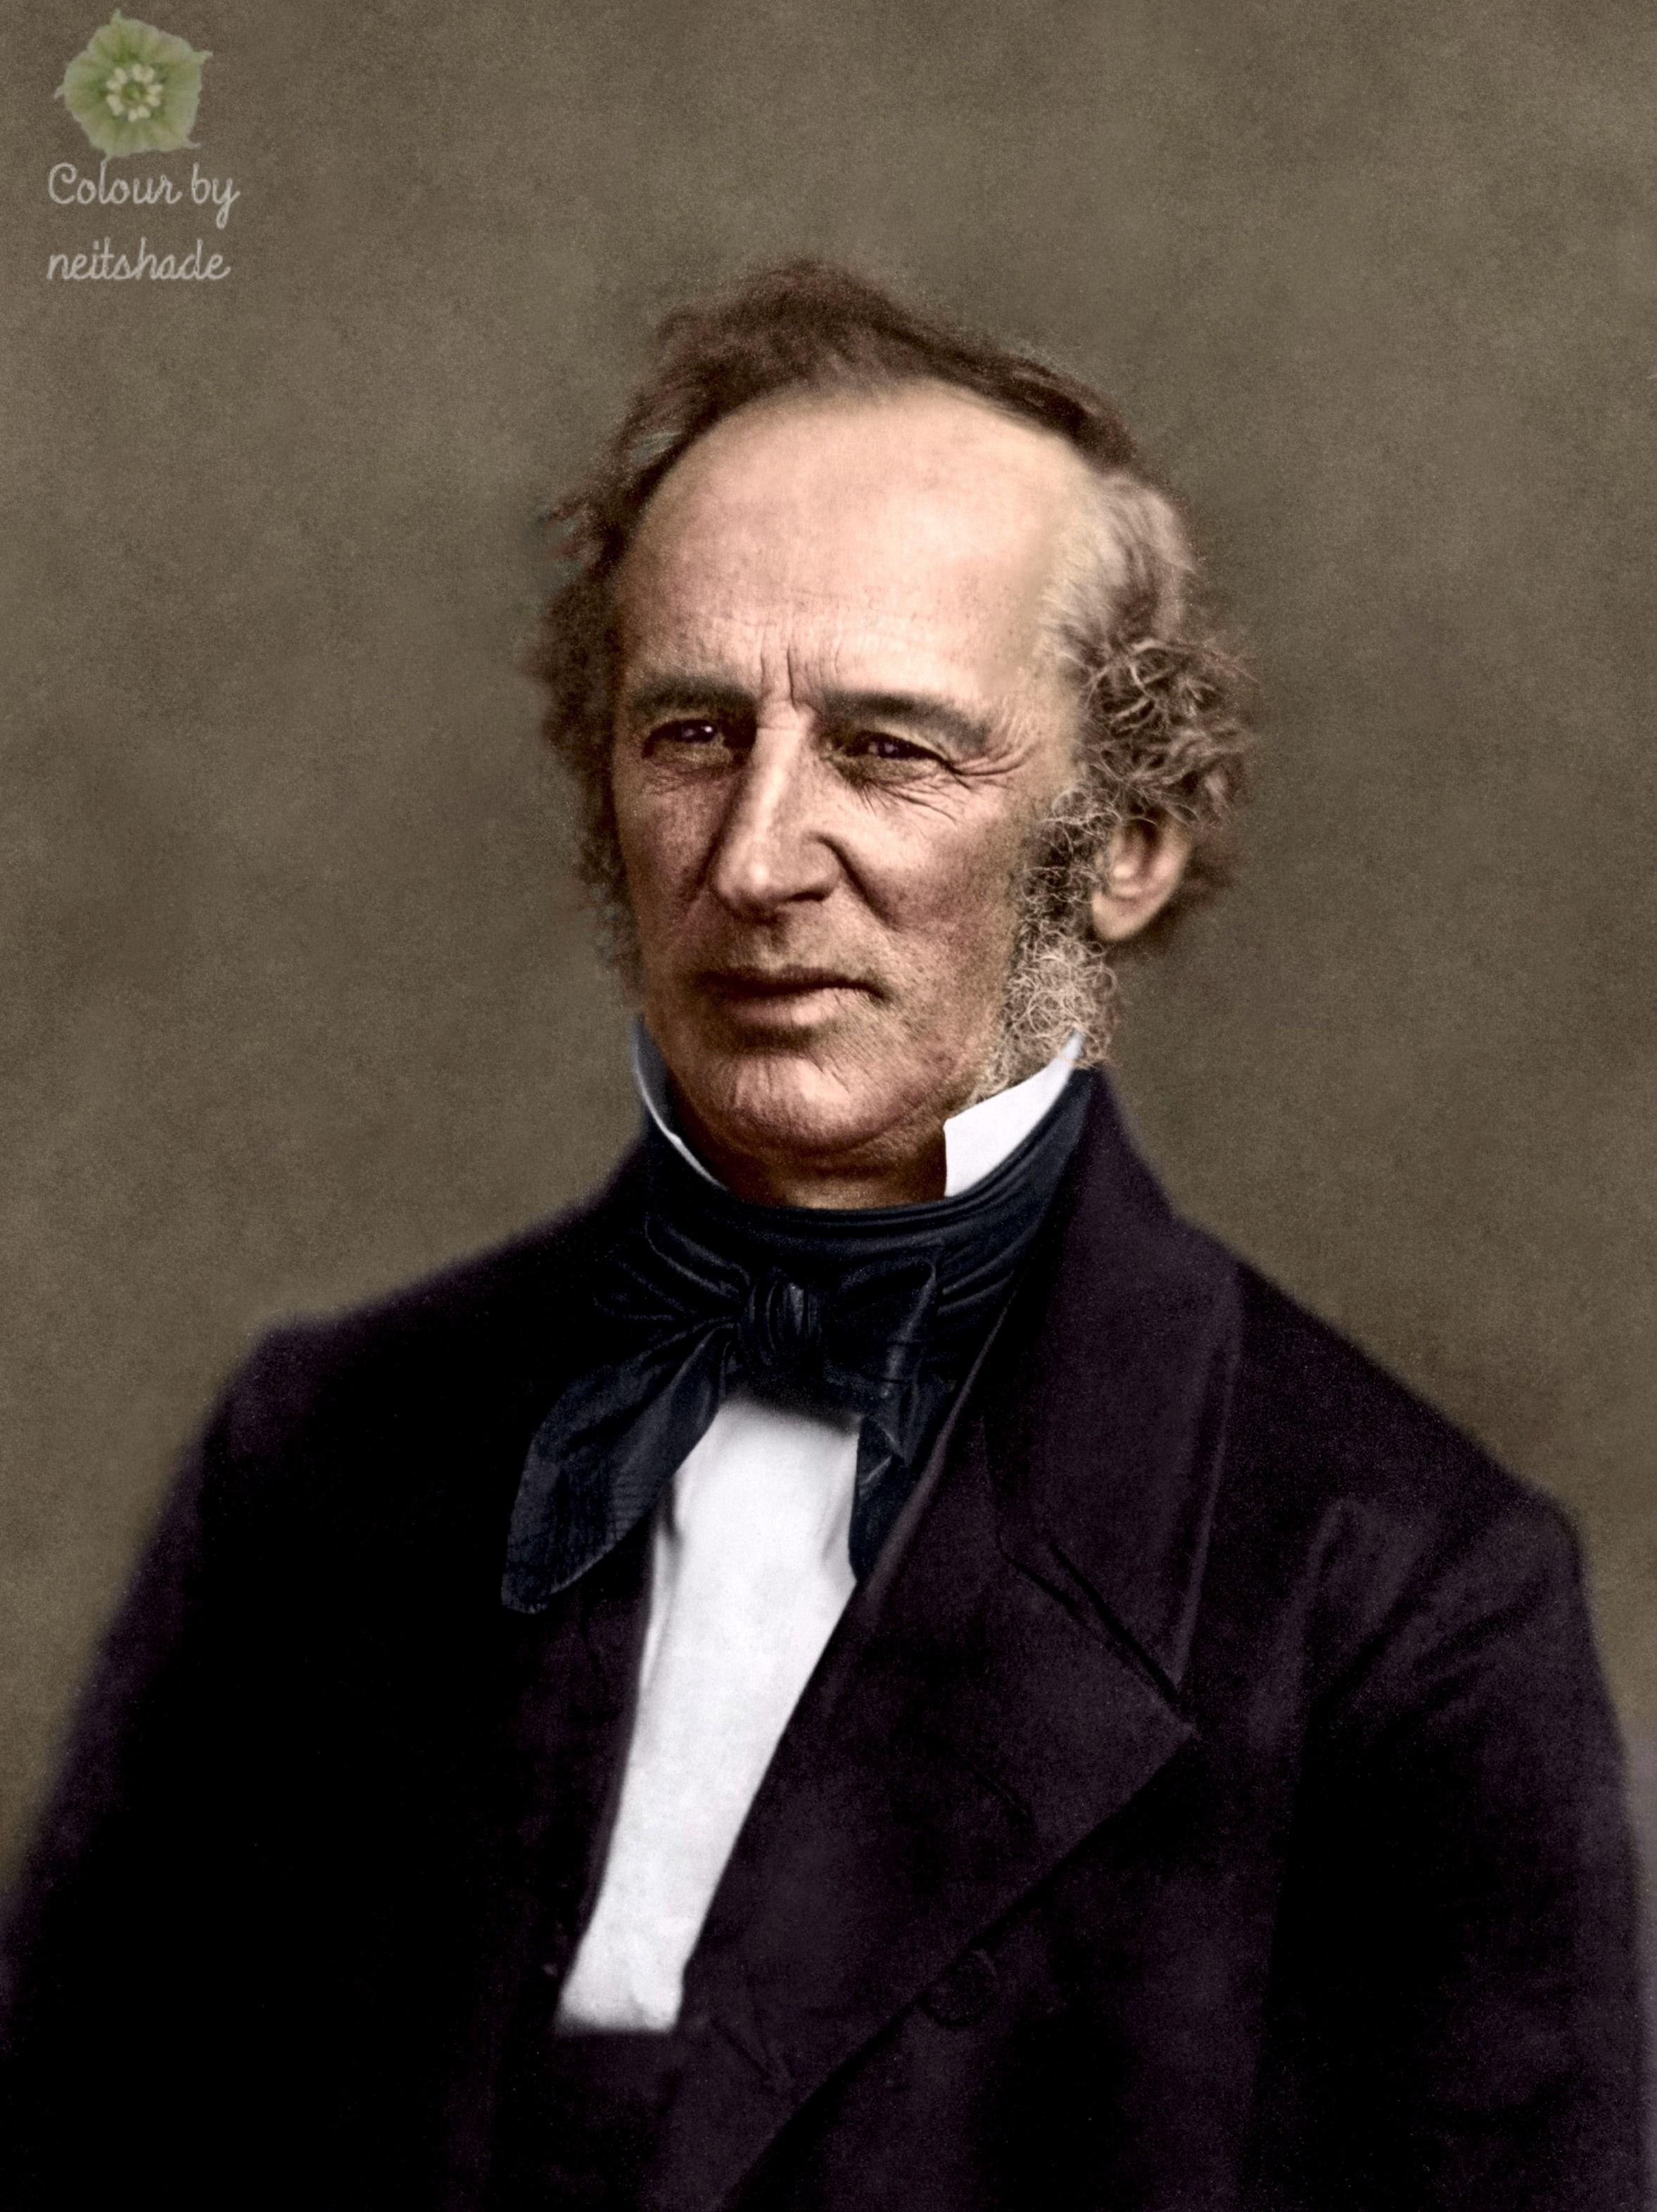 Cornelius_Vanderbilt_Daguerrotype2